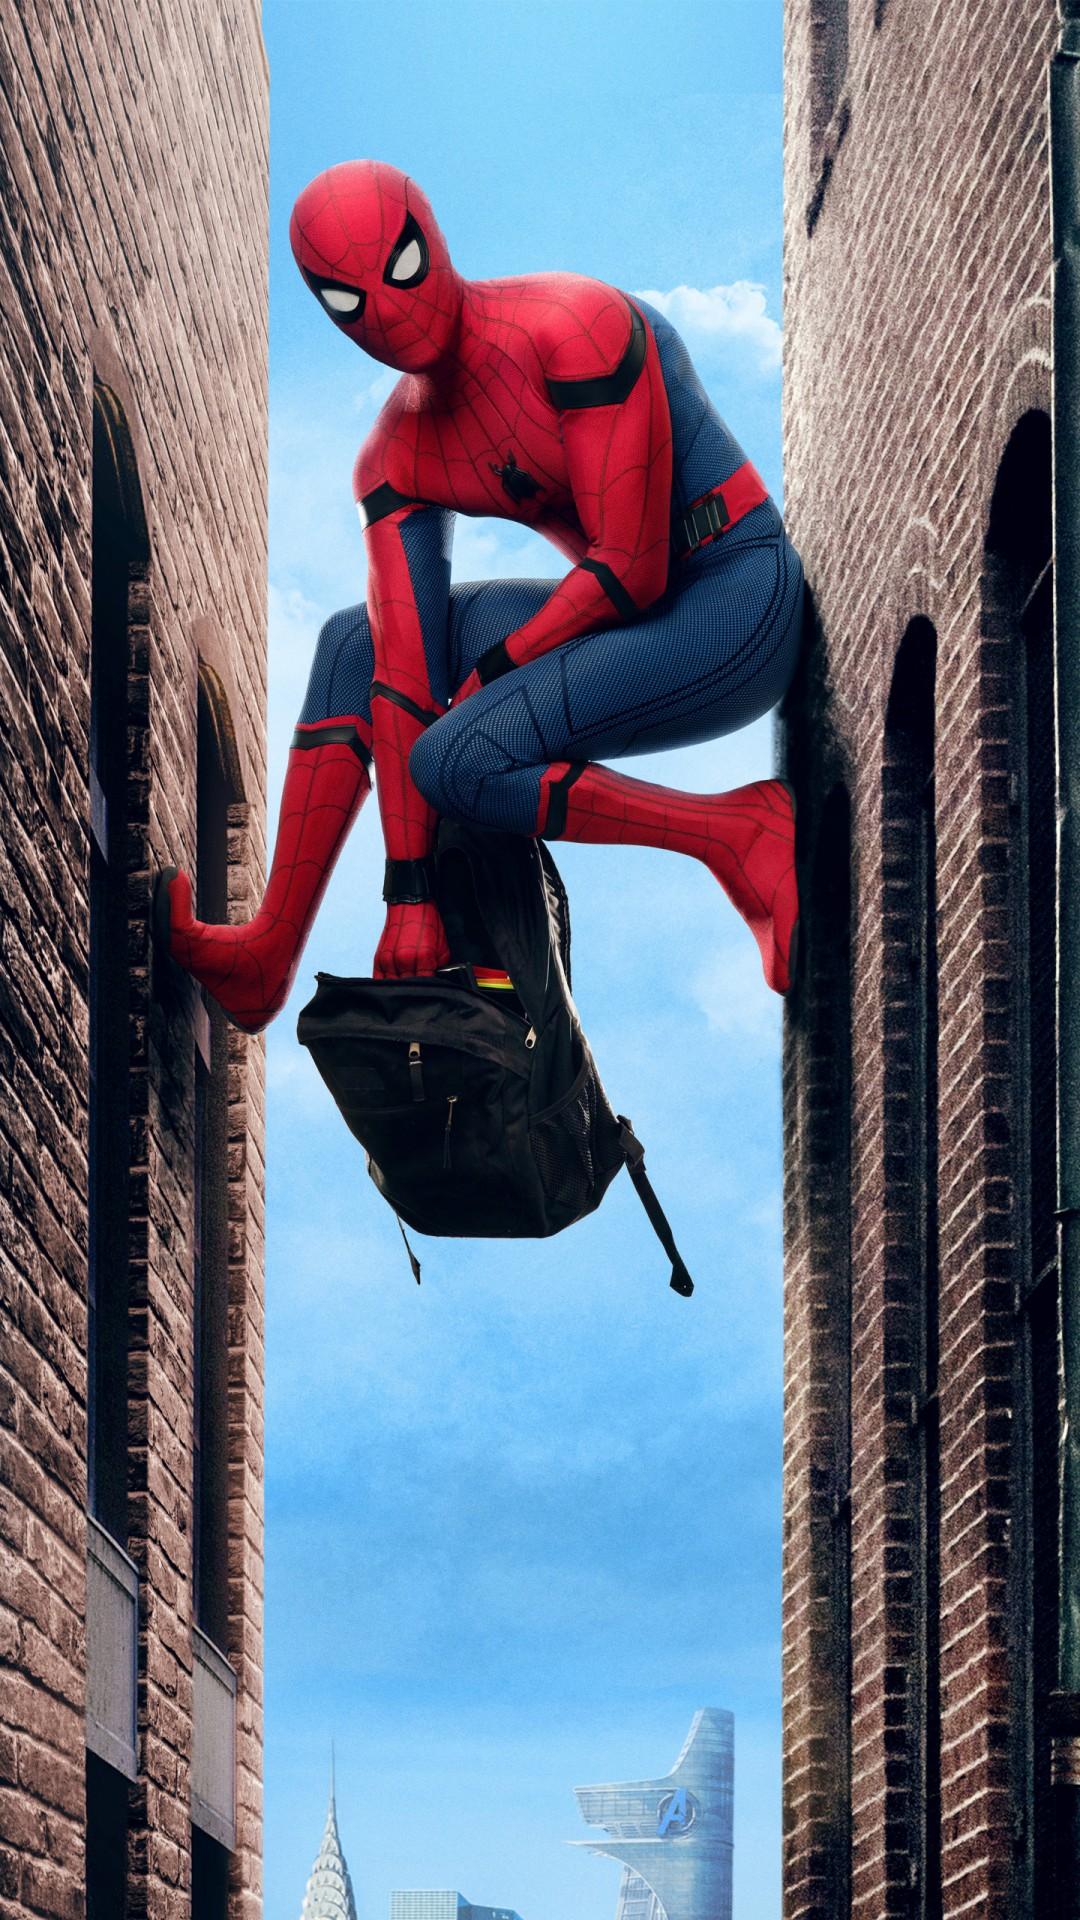 Iphone X Wallpaper Full Hd 4k Spider Man Homecoming Hd Wallpapers Hd Wallpapers Id